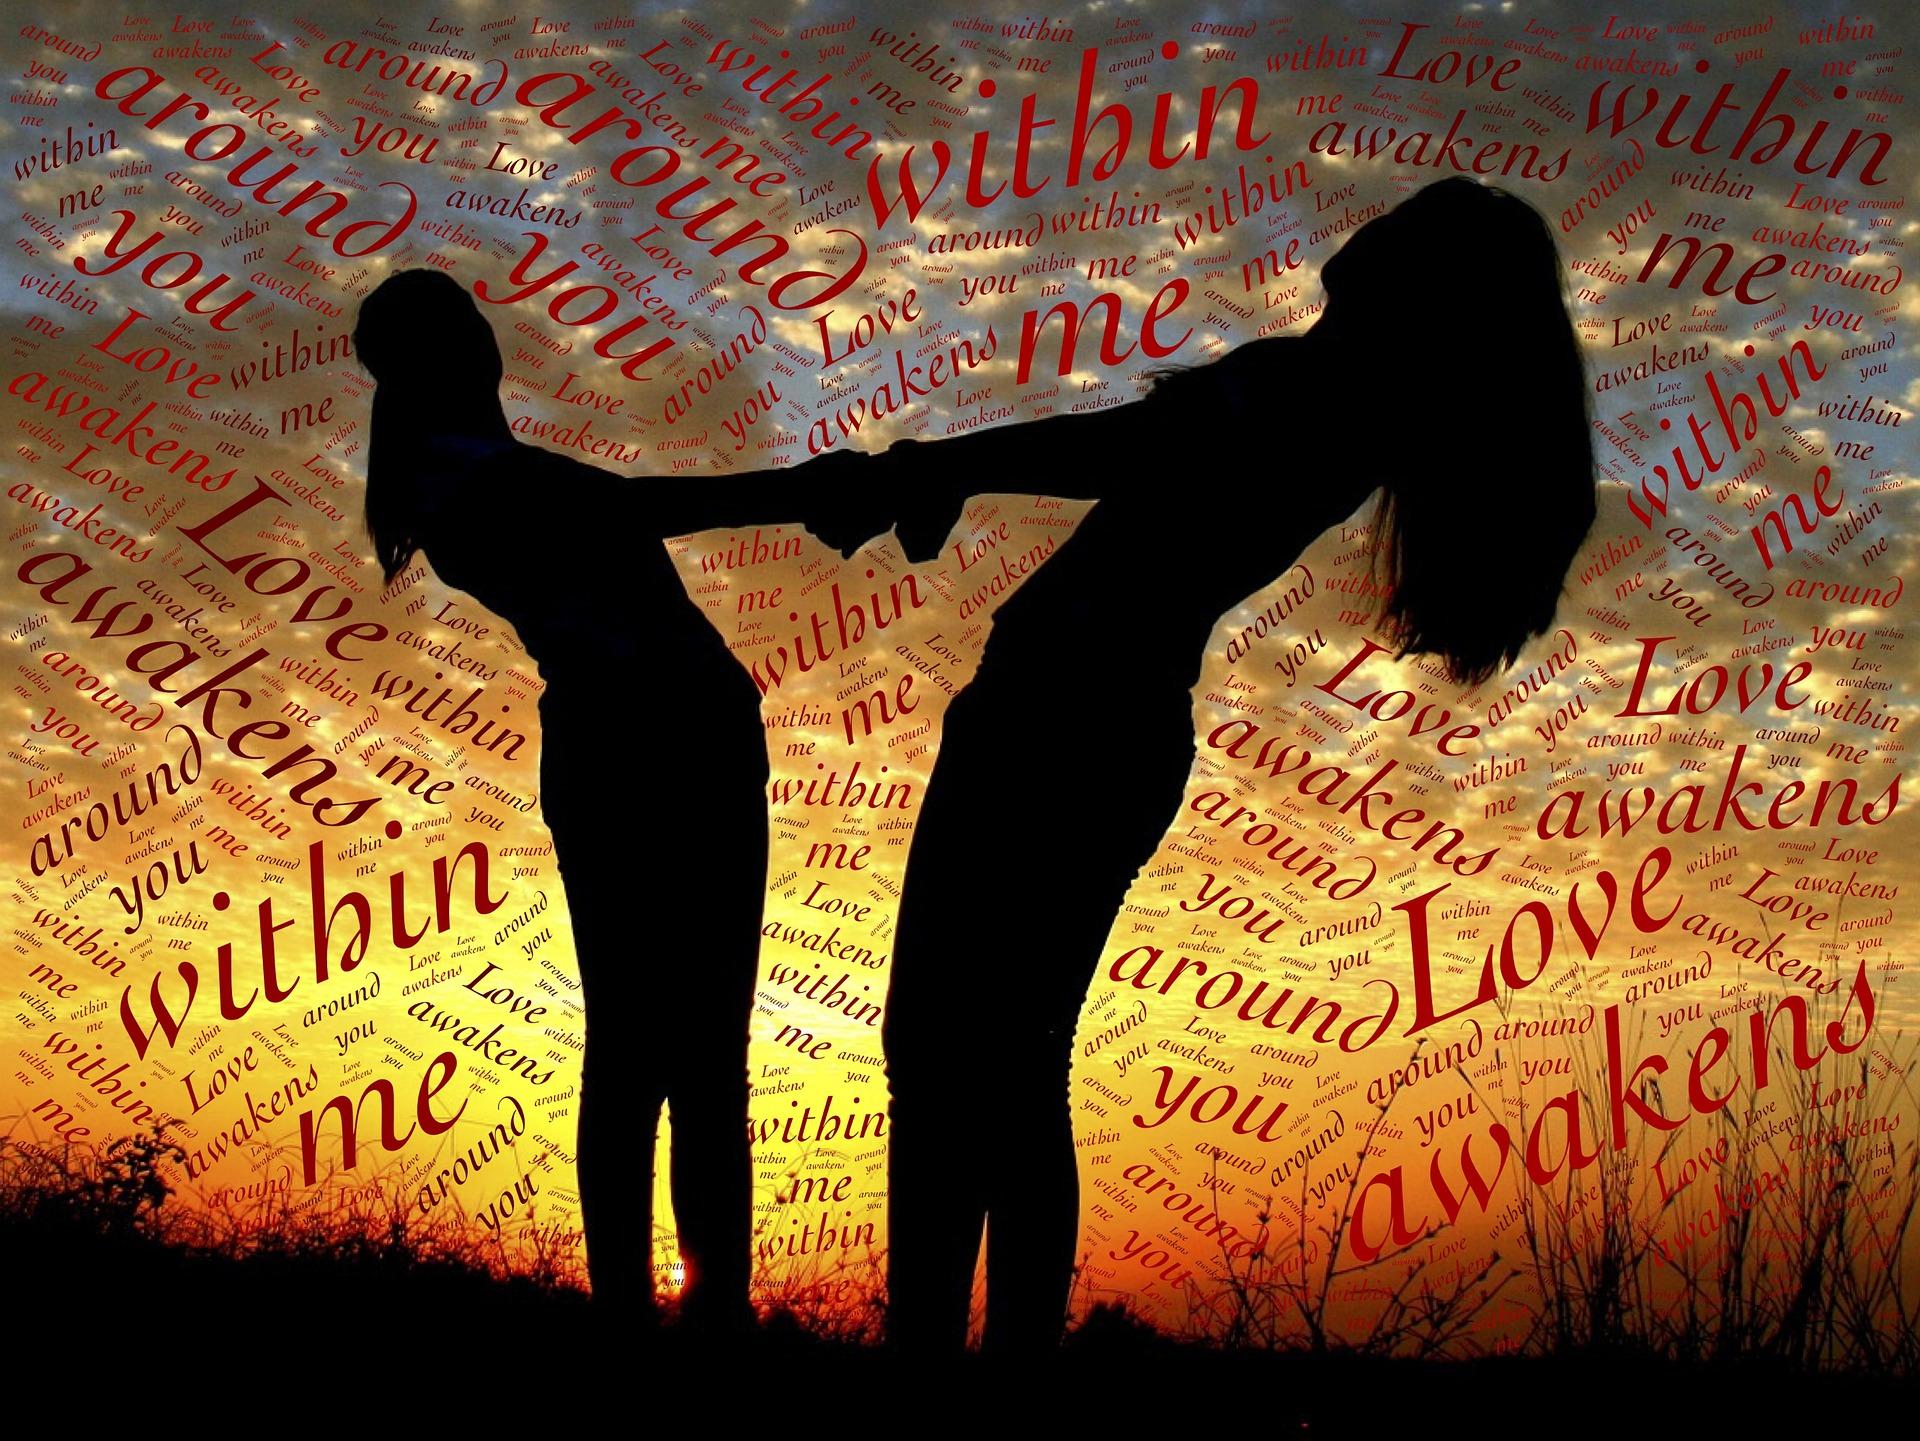 love-2515141_1920.jpg